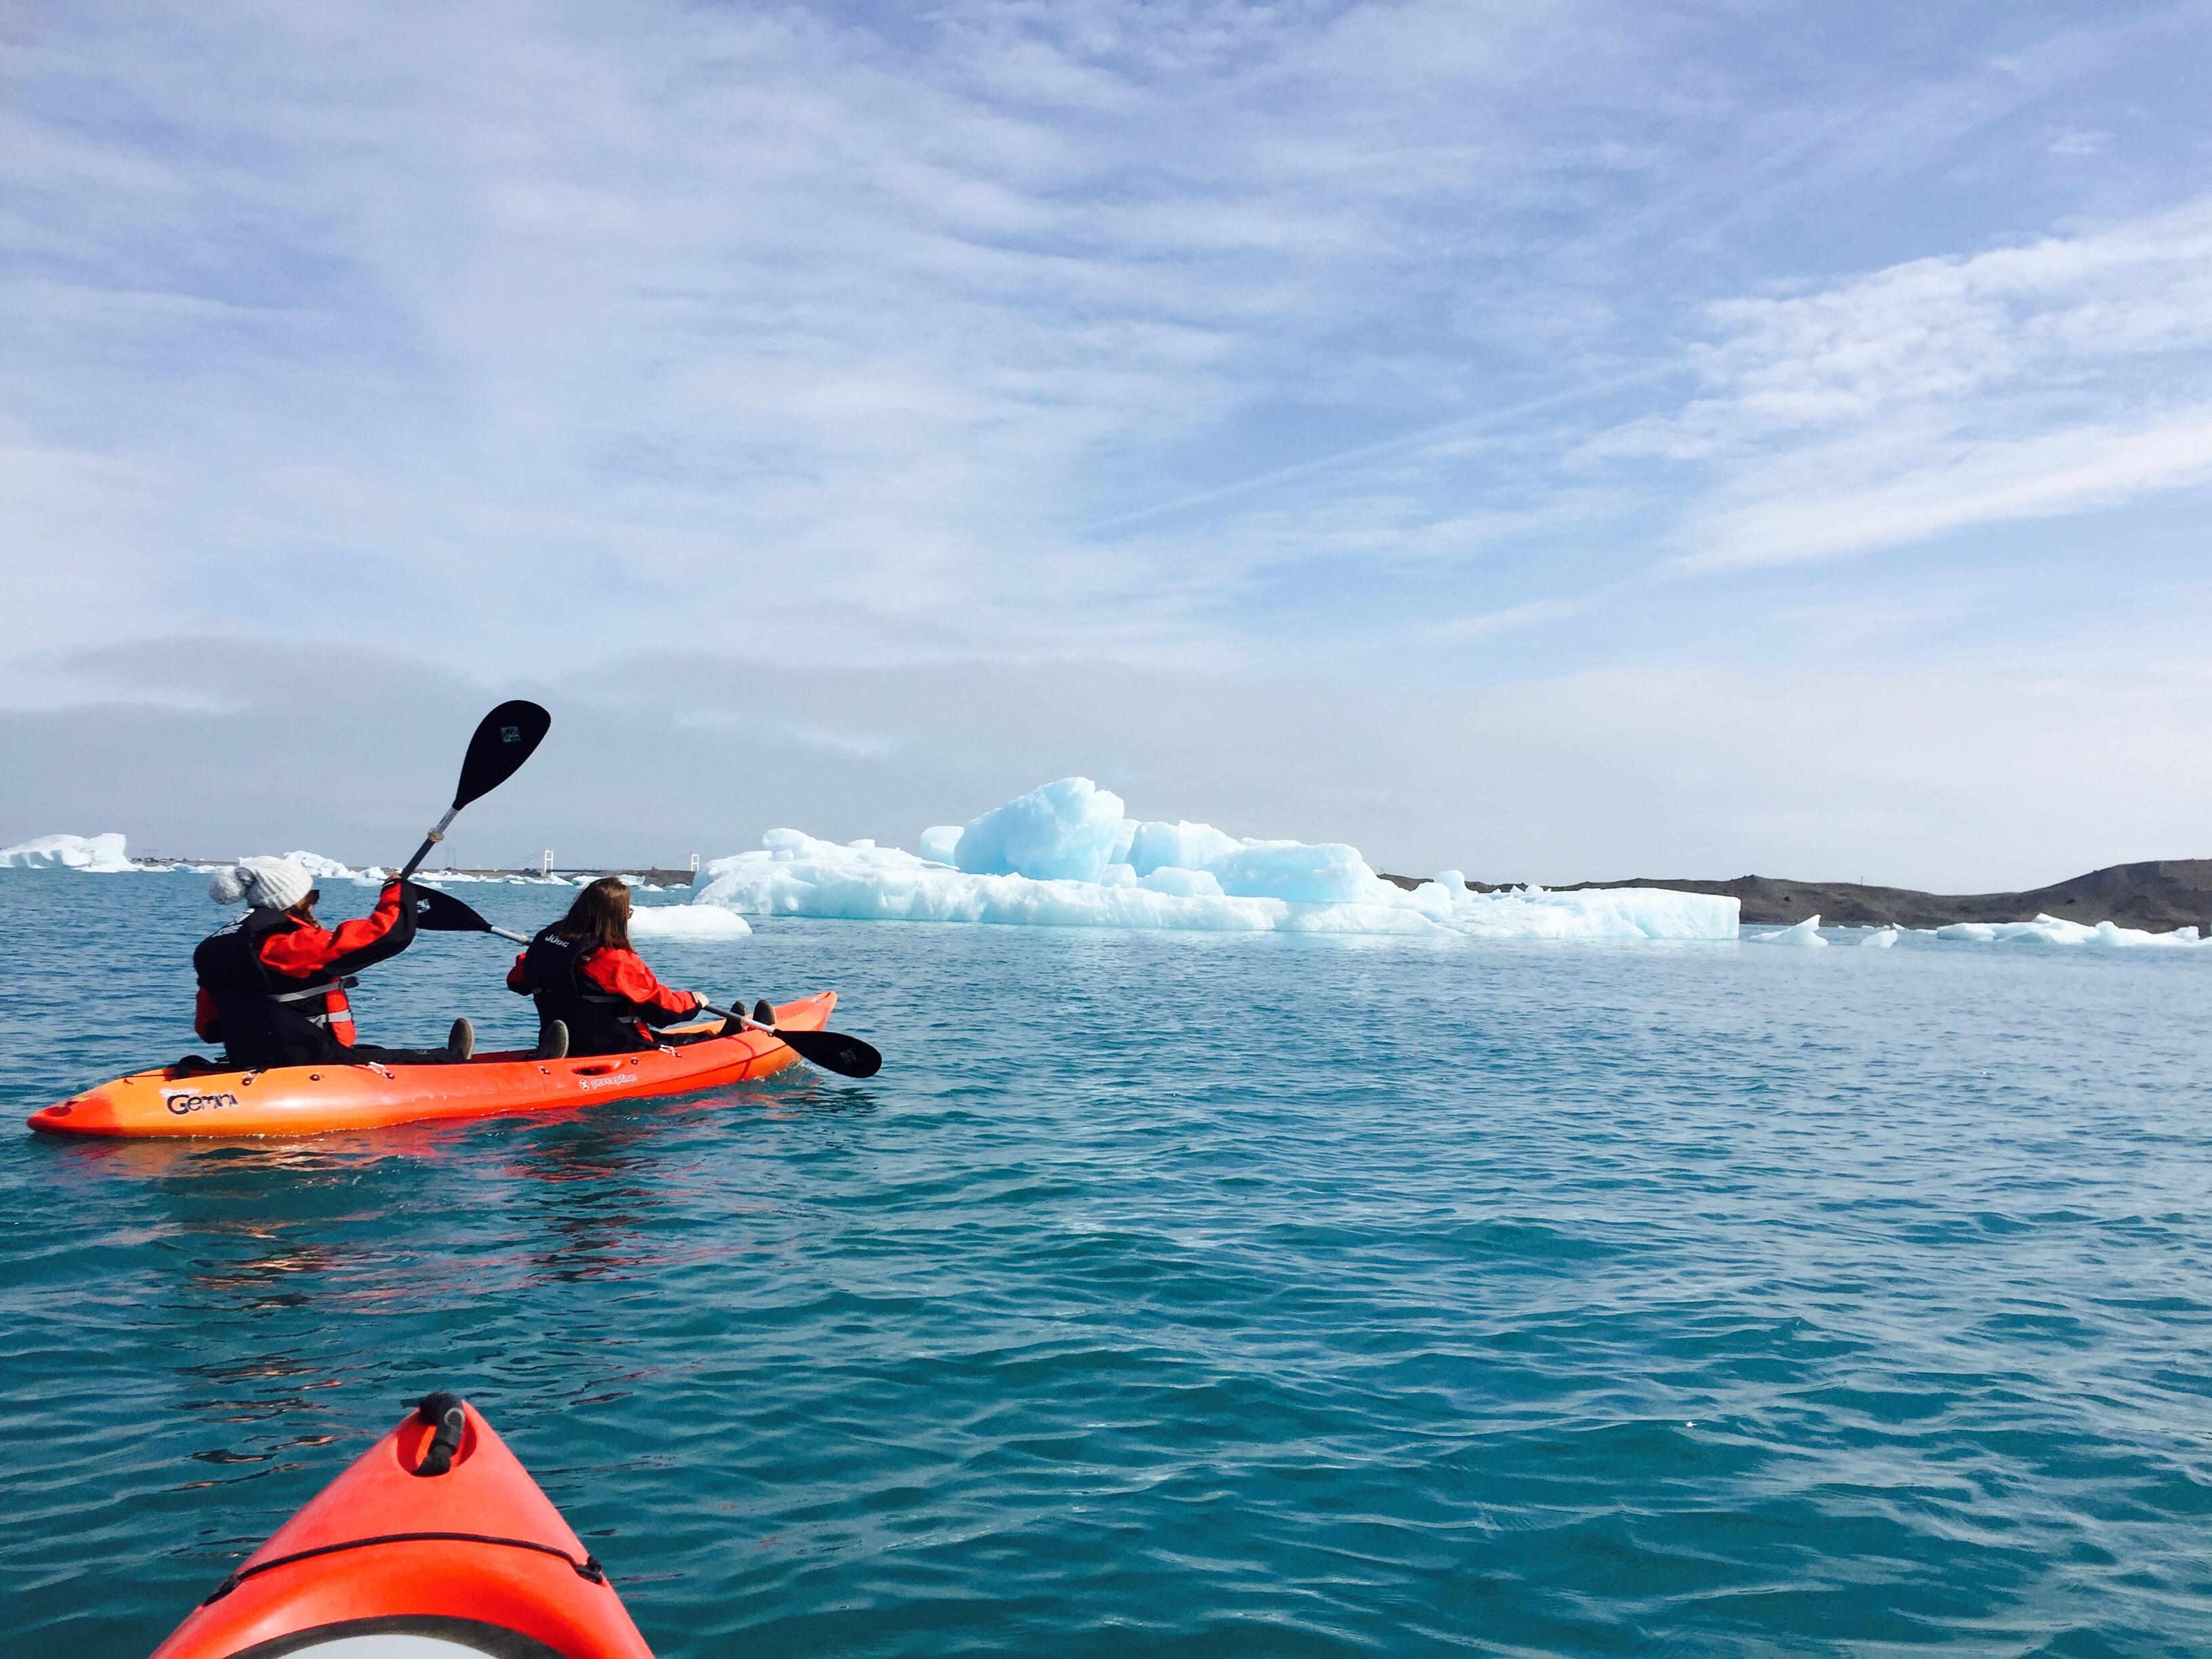 La laguna glaciar de Jökulsárlón es conocida por sus increíbles tonos de azul y el maravilloso paisaje que lo rodea.